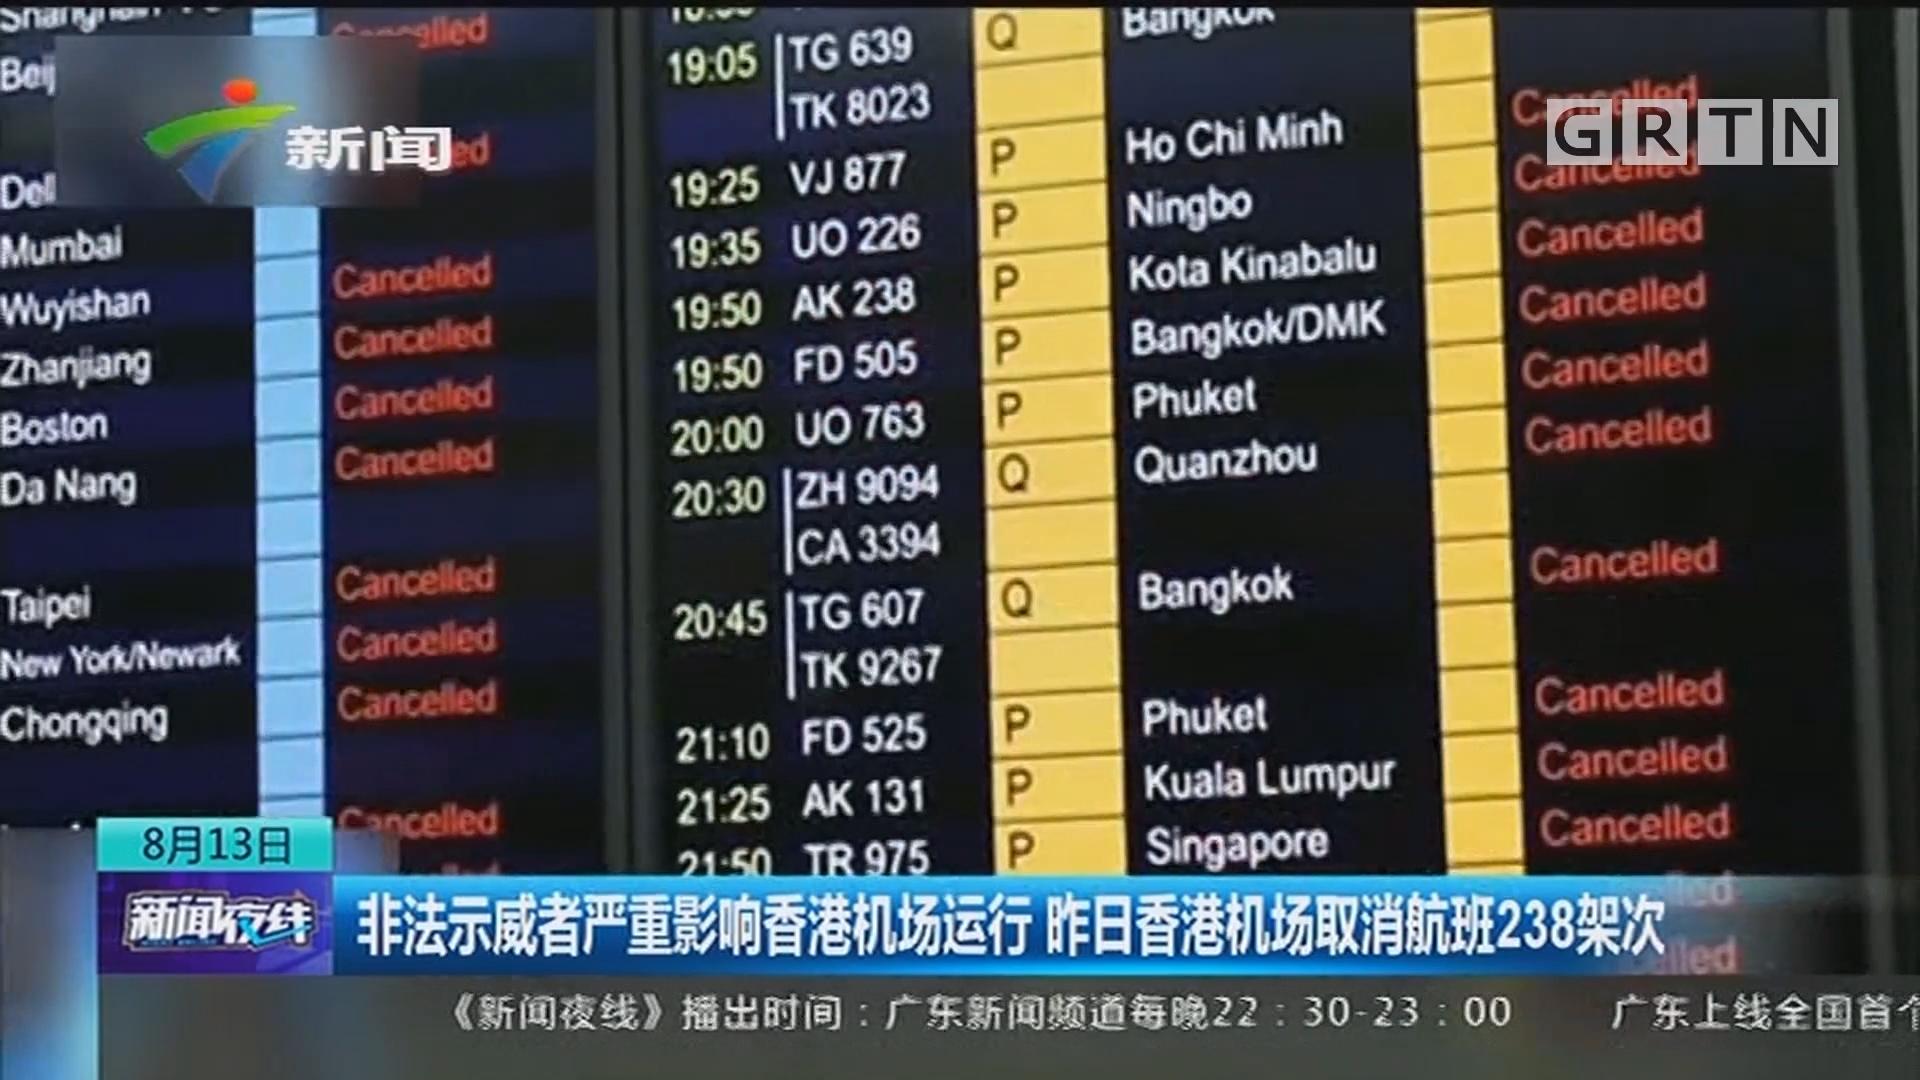 非法示威者严重影响香港机场运行 昨日香港机场取消航班238架次